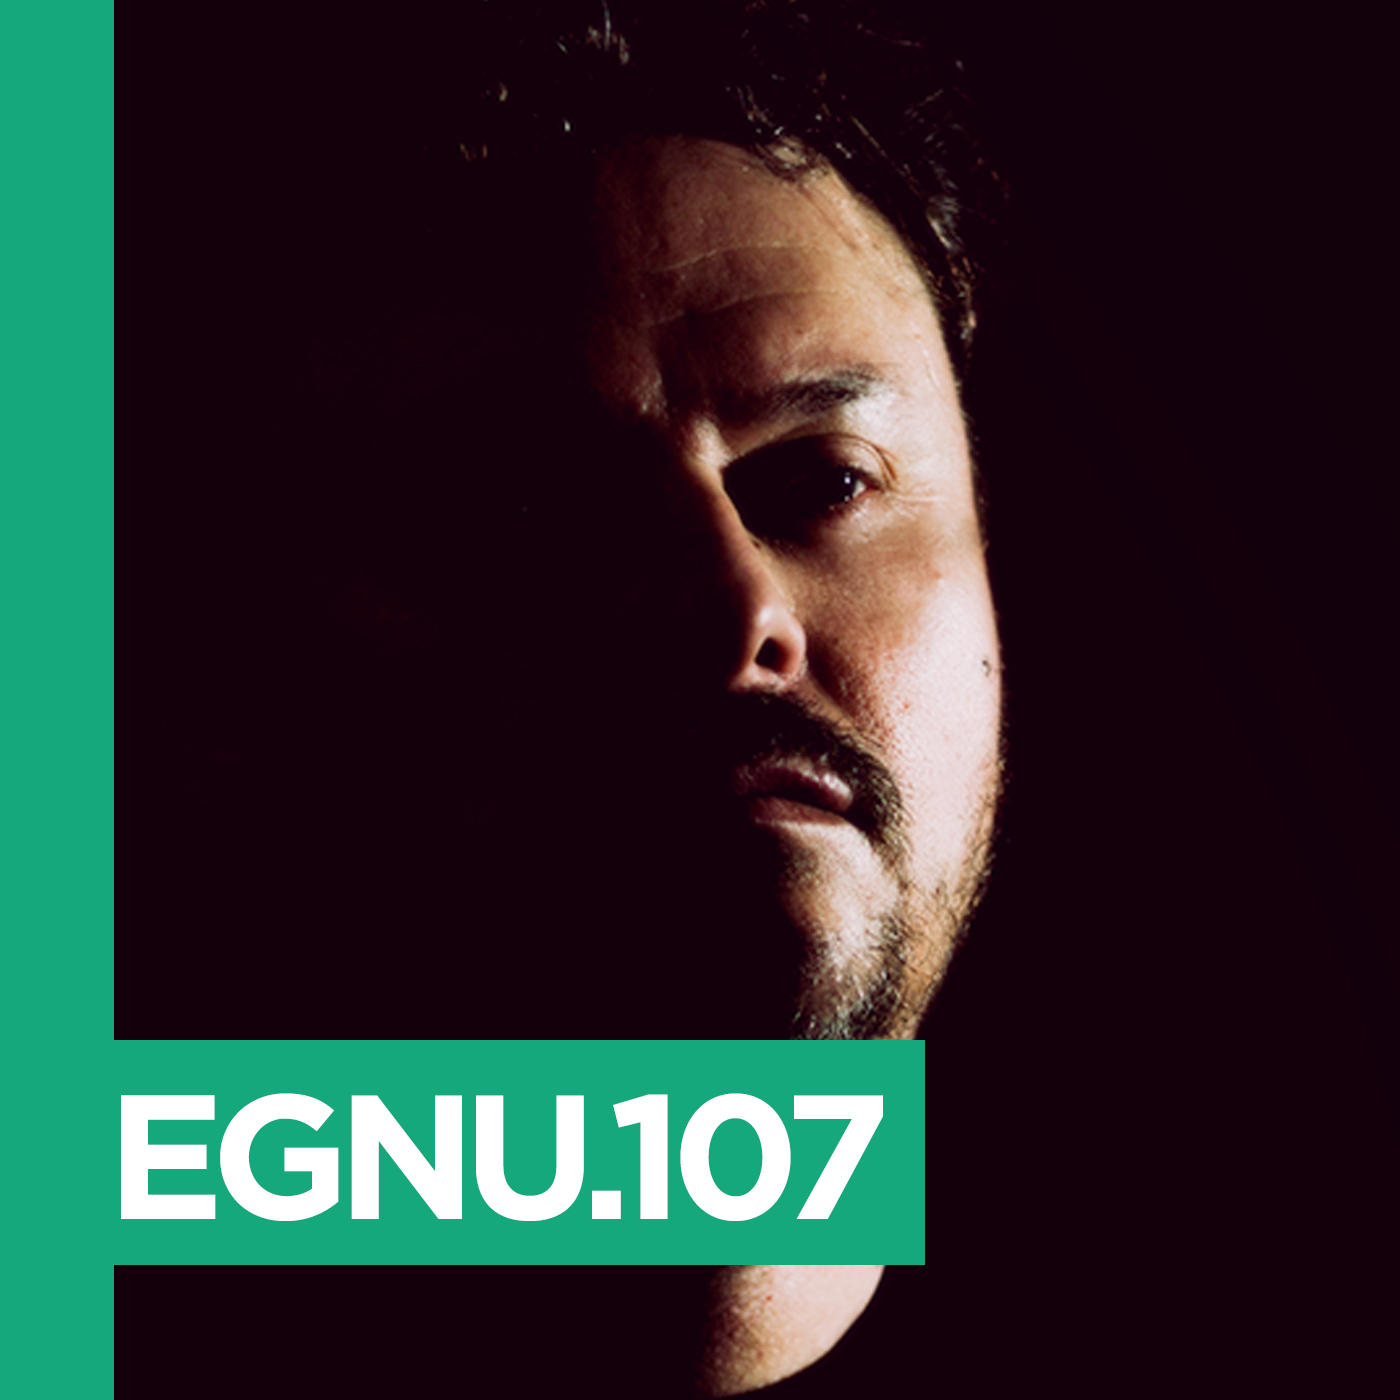 EGNU.107 Sapiens